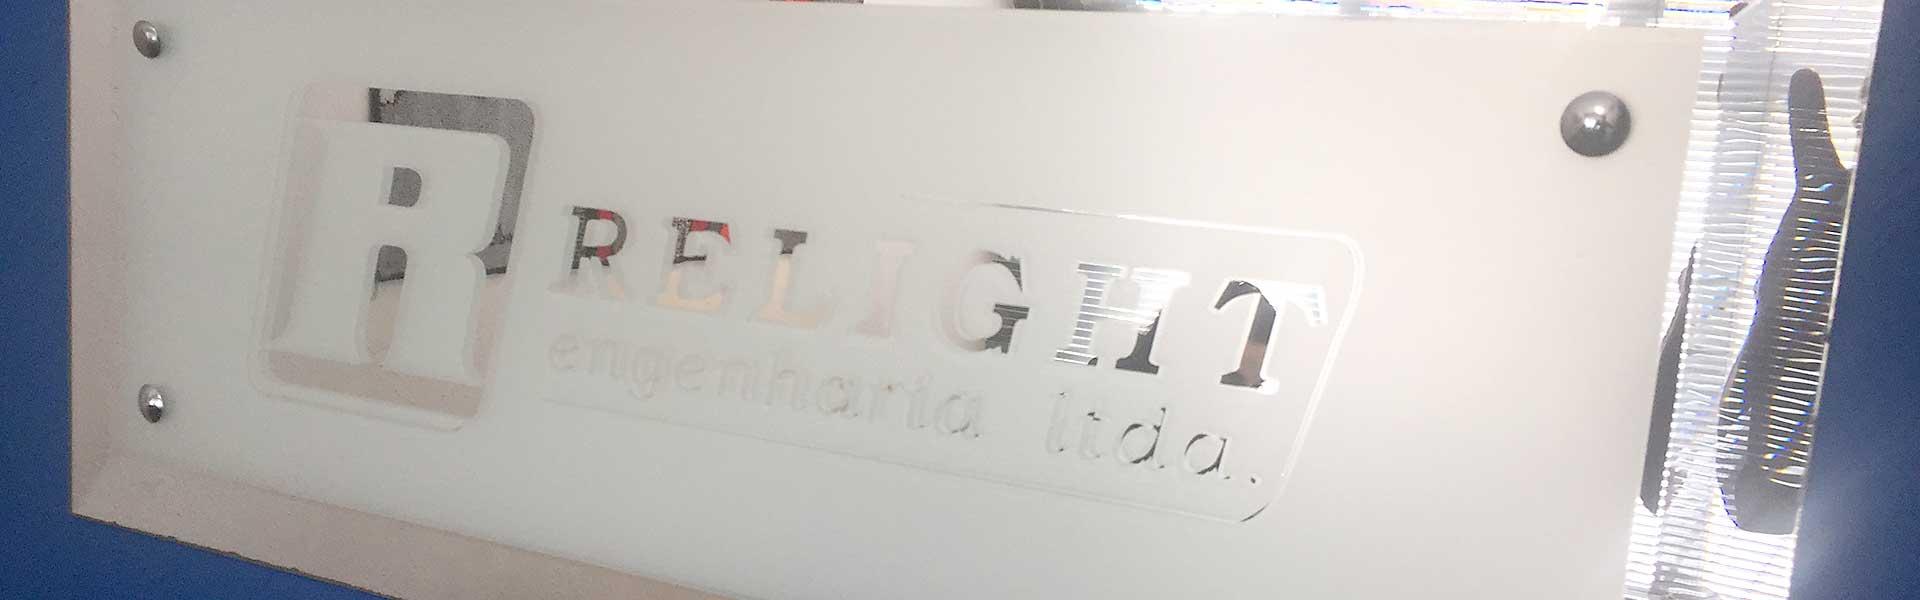 escritorio-relight-03